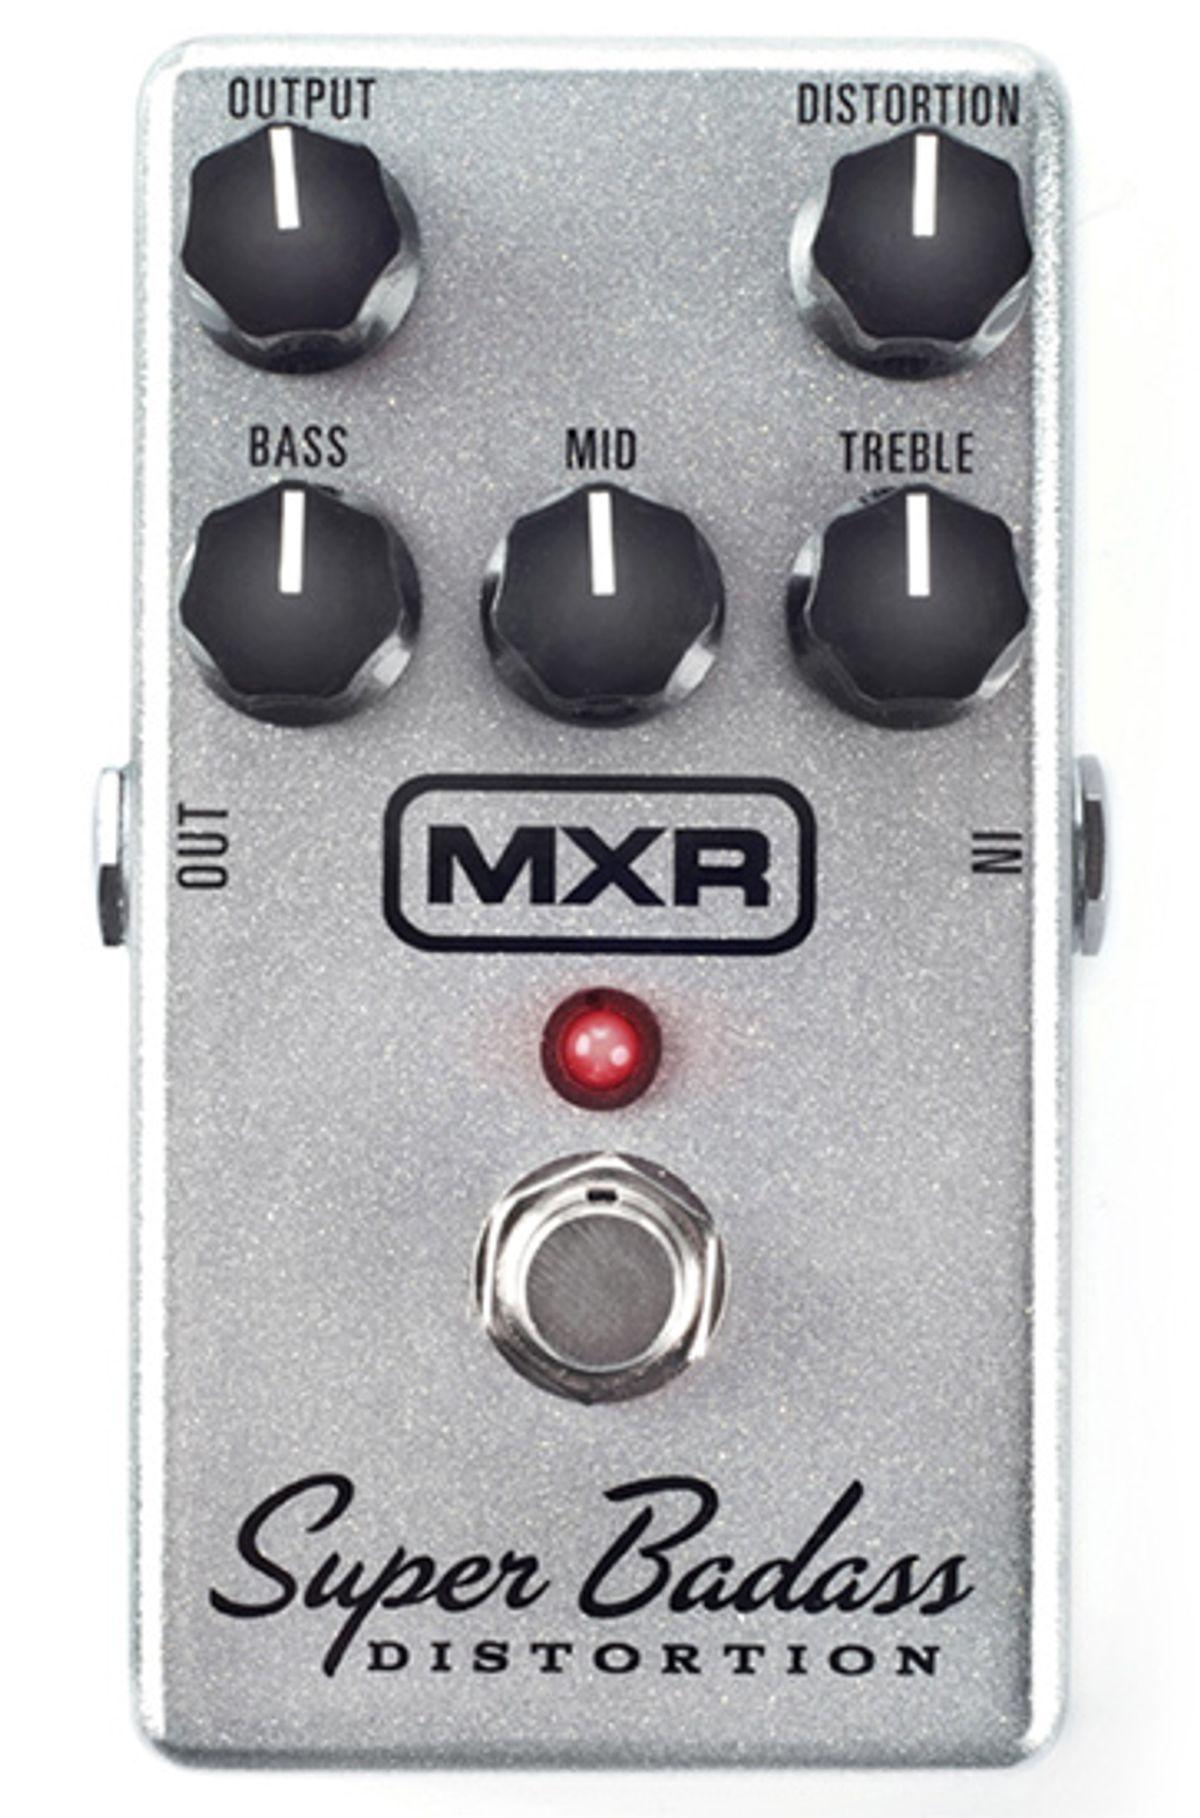 MXR Super Badass Distortion Pedal Review